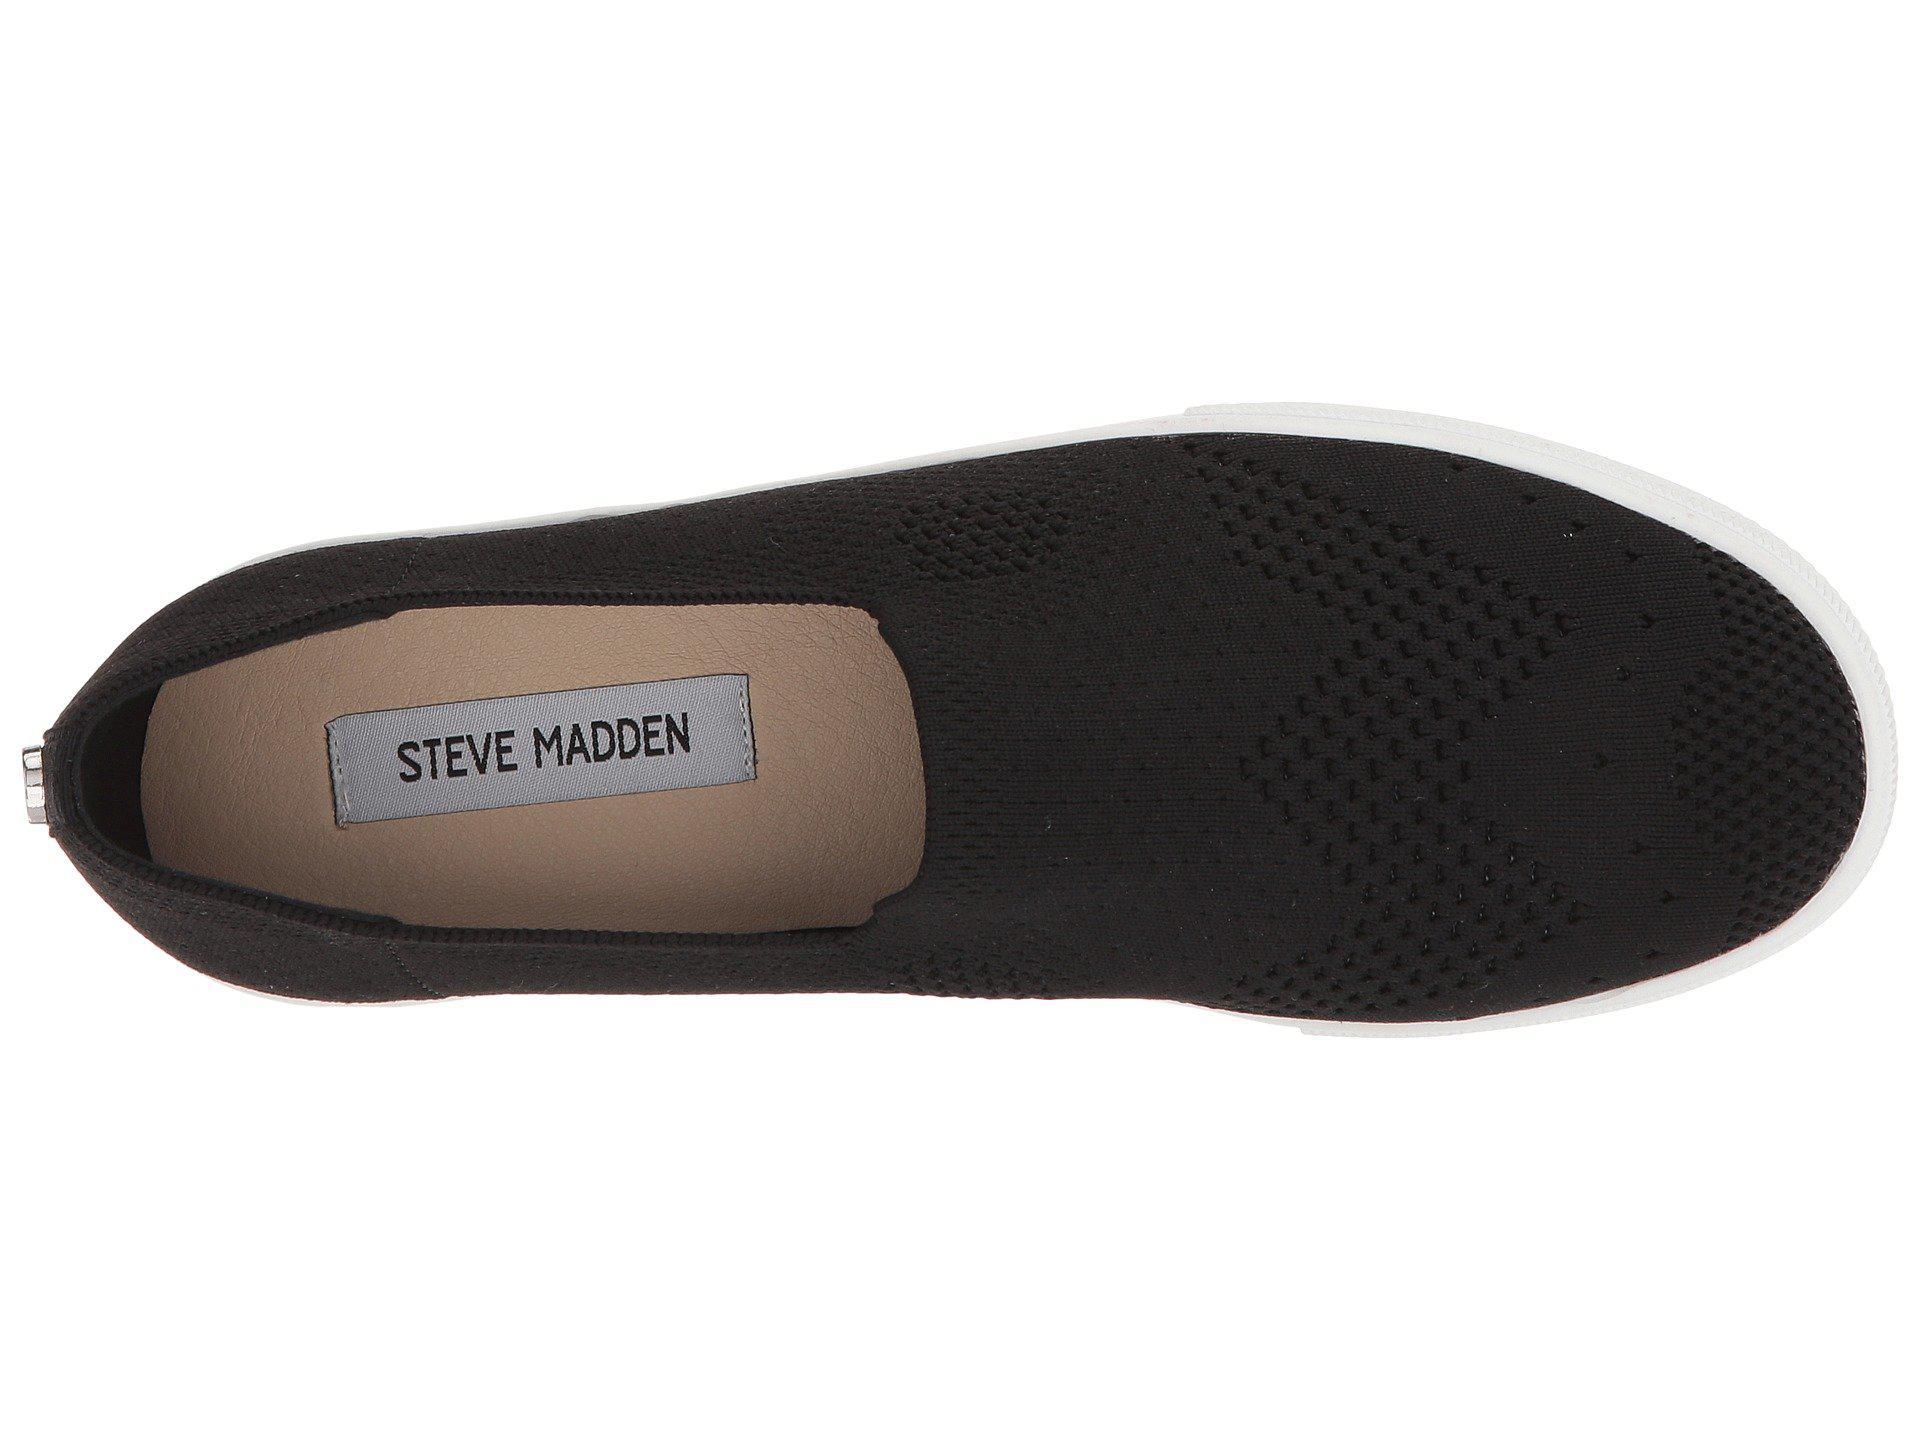 d924c836d27 Lyst - Steve Madden Gopi in Black